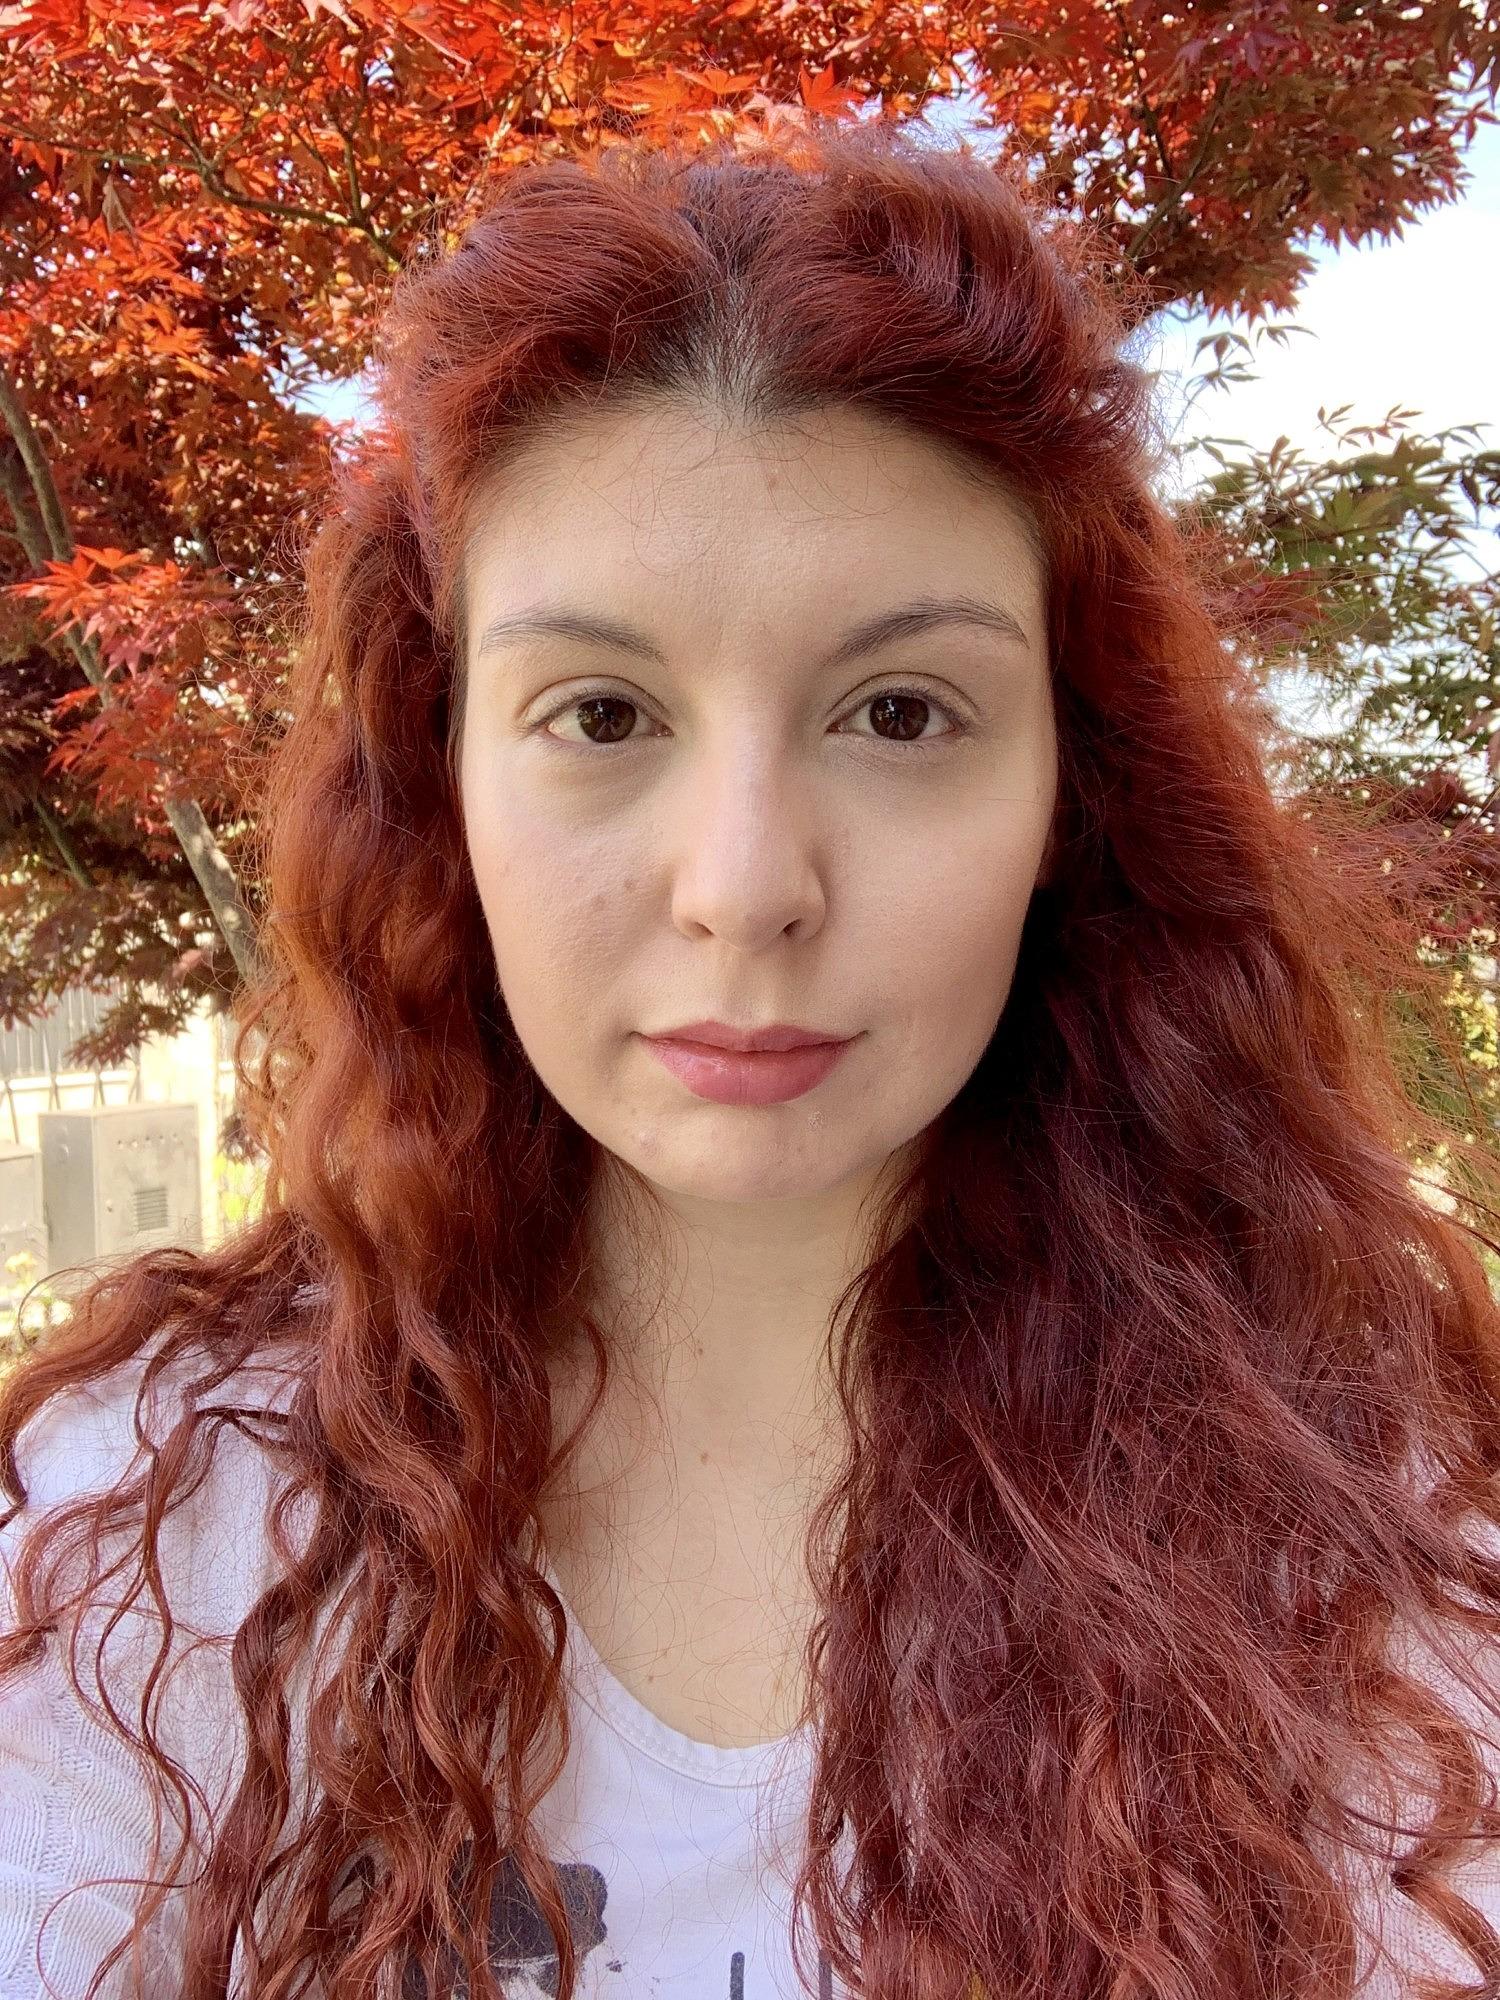 Marlene Dordoni